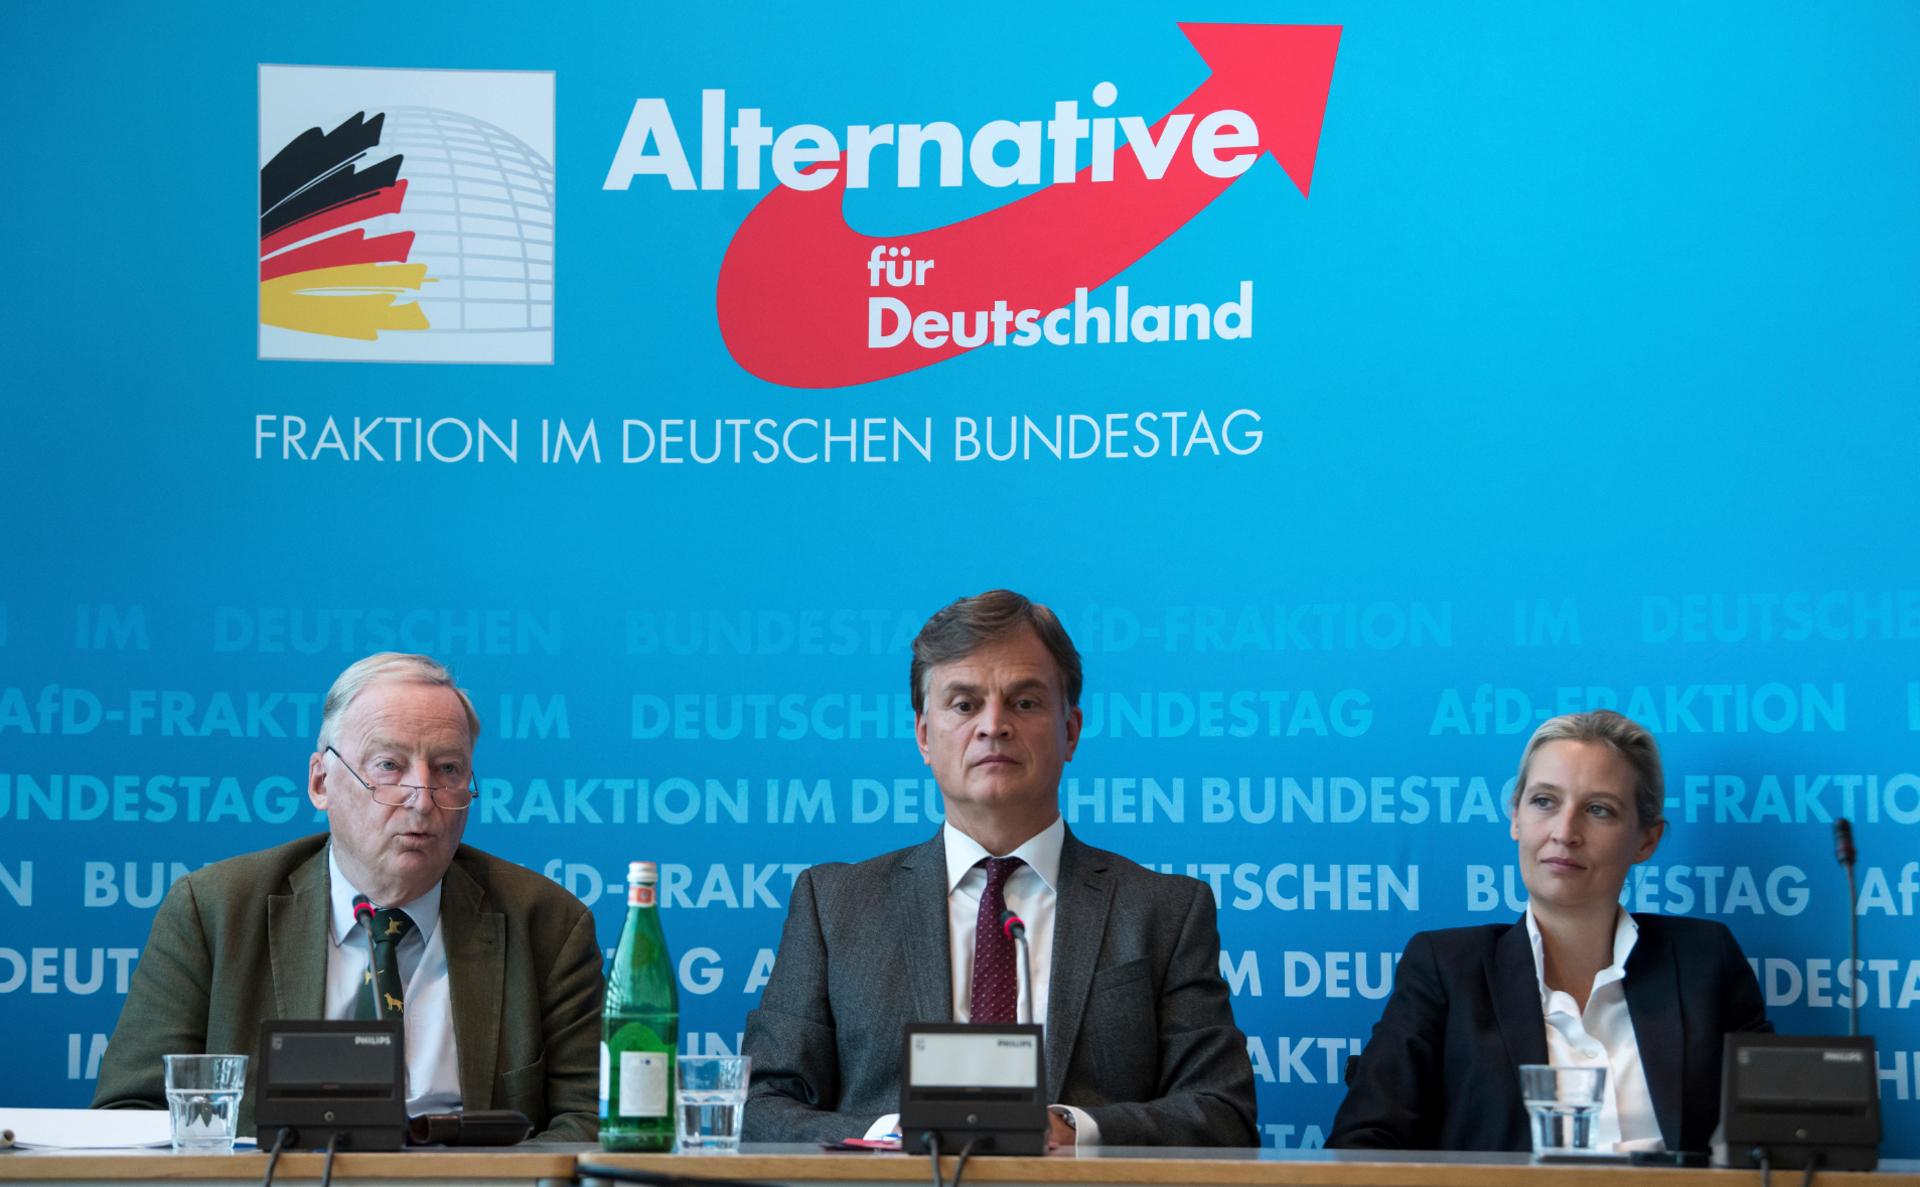 Фото: Bernd von Jutrczenka / AP / dpa